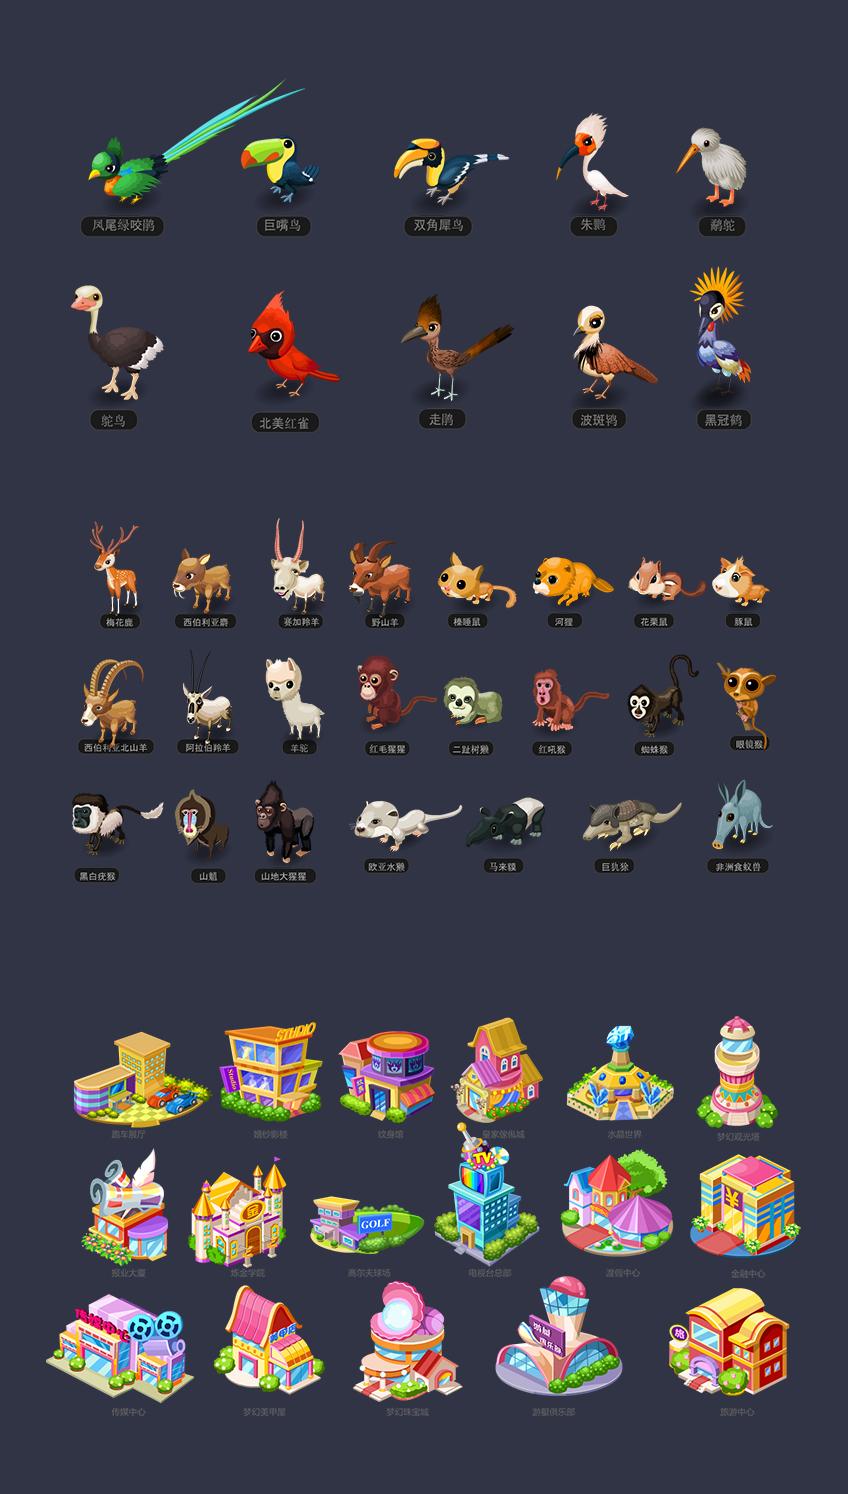 游戏UI设计_游戏美术设计/游戏UI/游戏界面/小程序游戏/ 棋牌游戏界面9